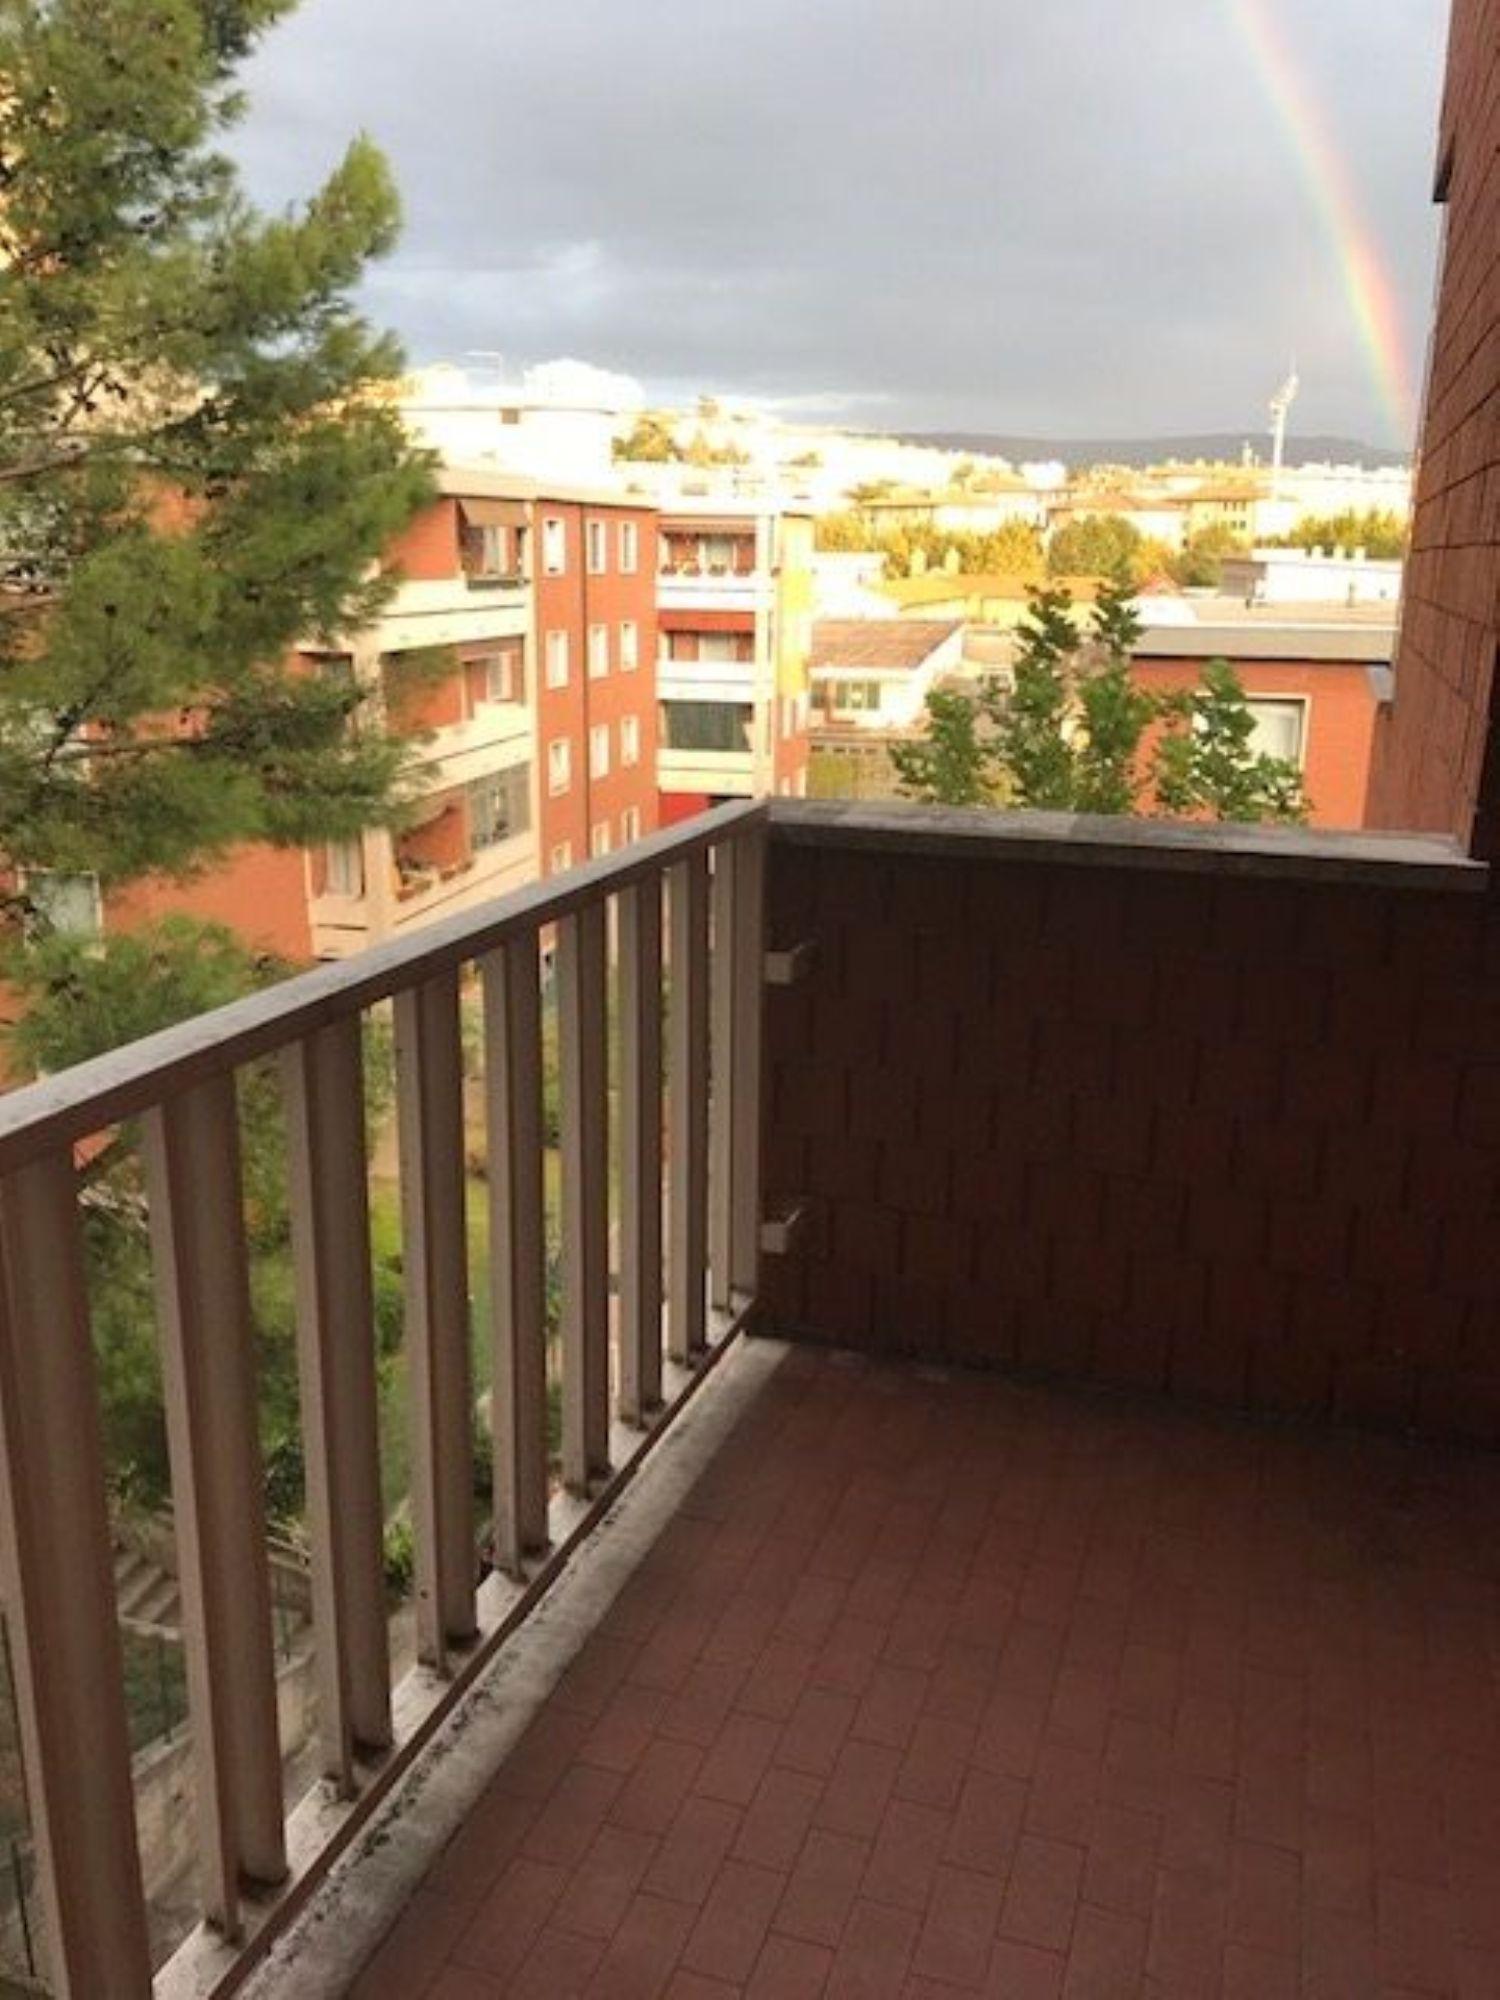 Appartamento in vendita a Trieste, 3 locali, prezzo € 65.000 | CambioCasa.it